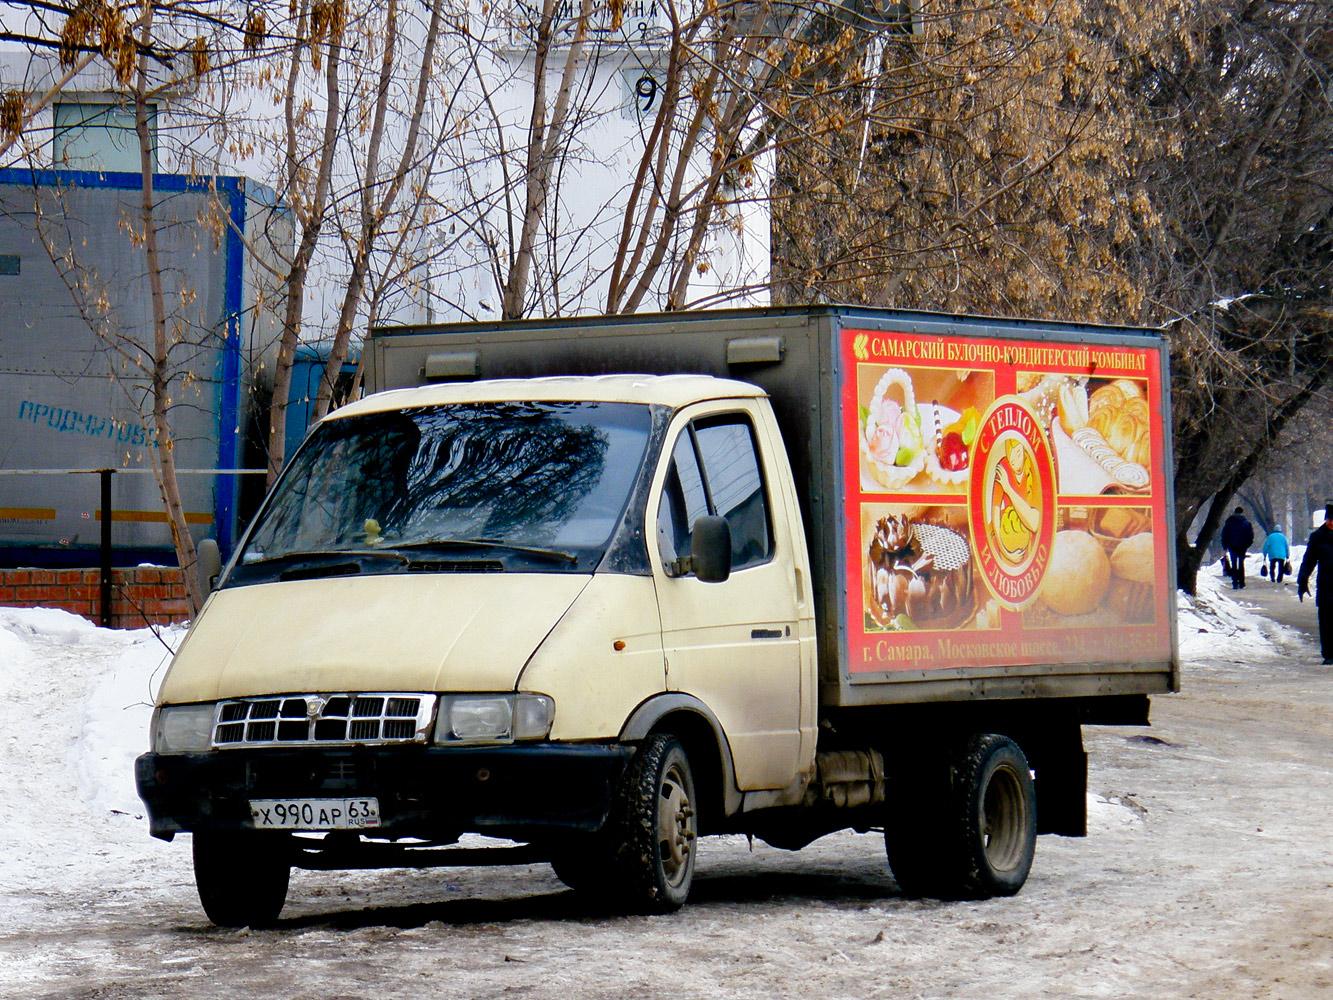 ГАЗ-3302 #Х 990 АР 63. Самара, улица Мичурина